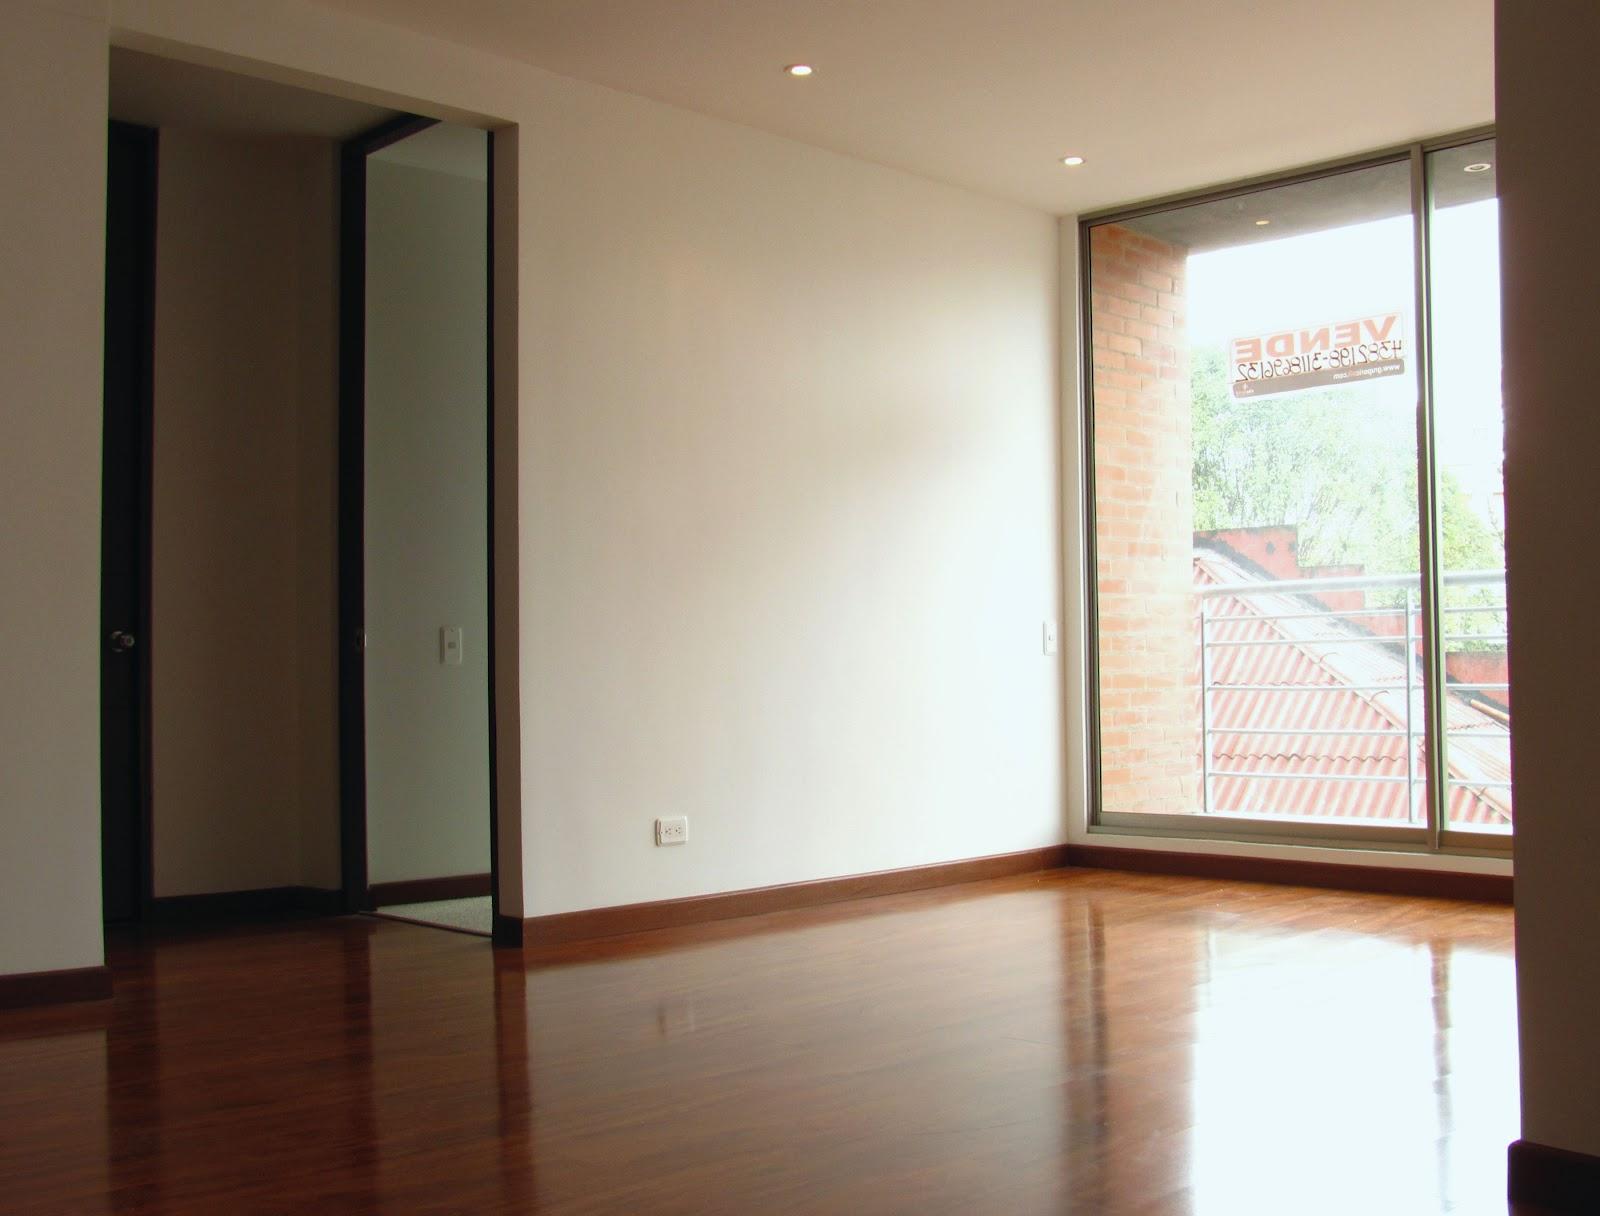 Apartamento pb sala comedor for Pisos y azulejos para sala y comedor